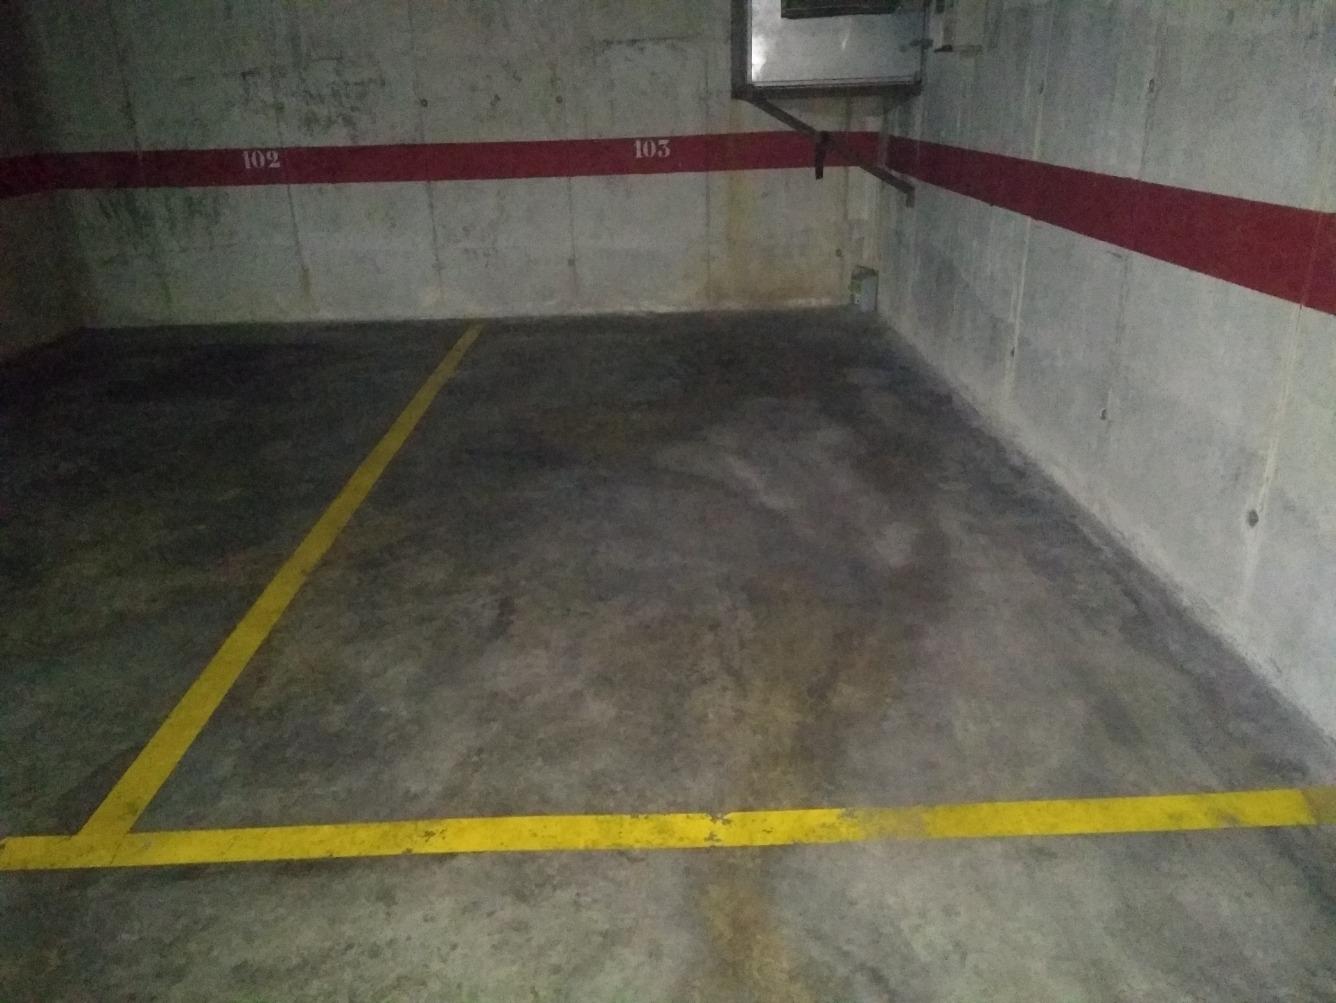 Alquiler Parking coche  Calle remences. Parquin en venda para coche grande zona devesa, calle remences,